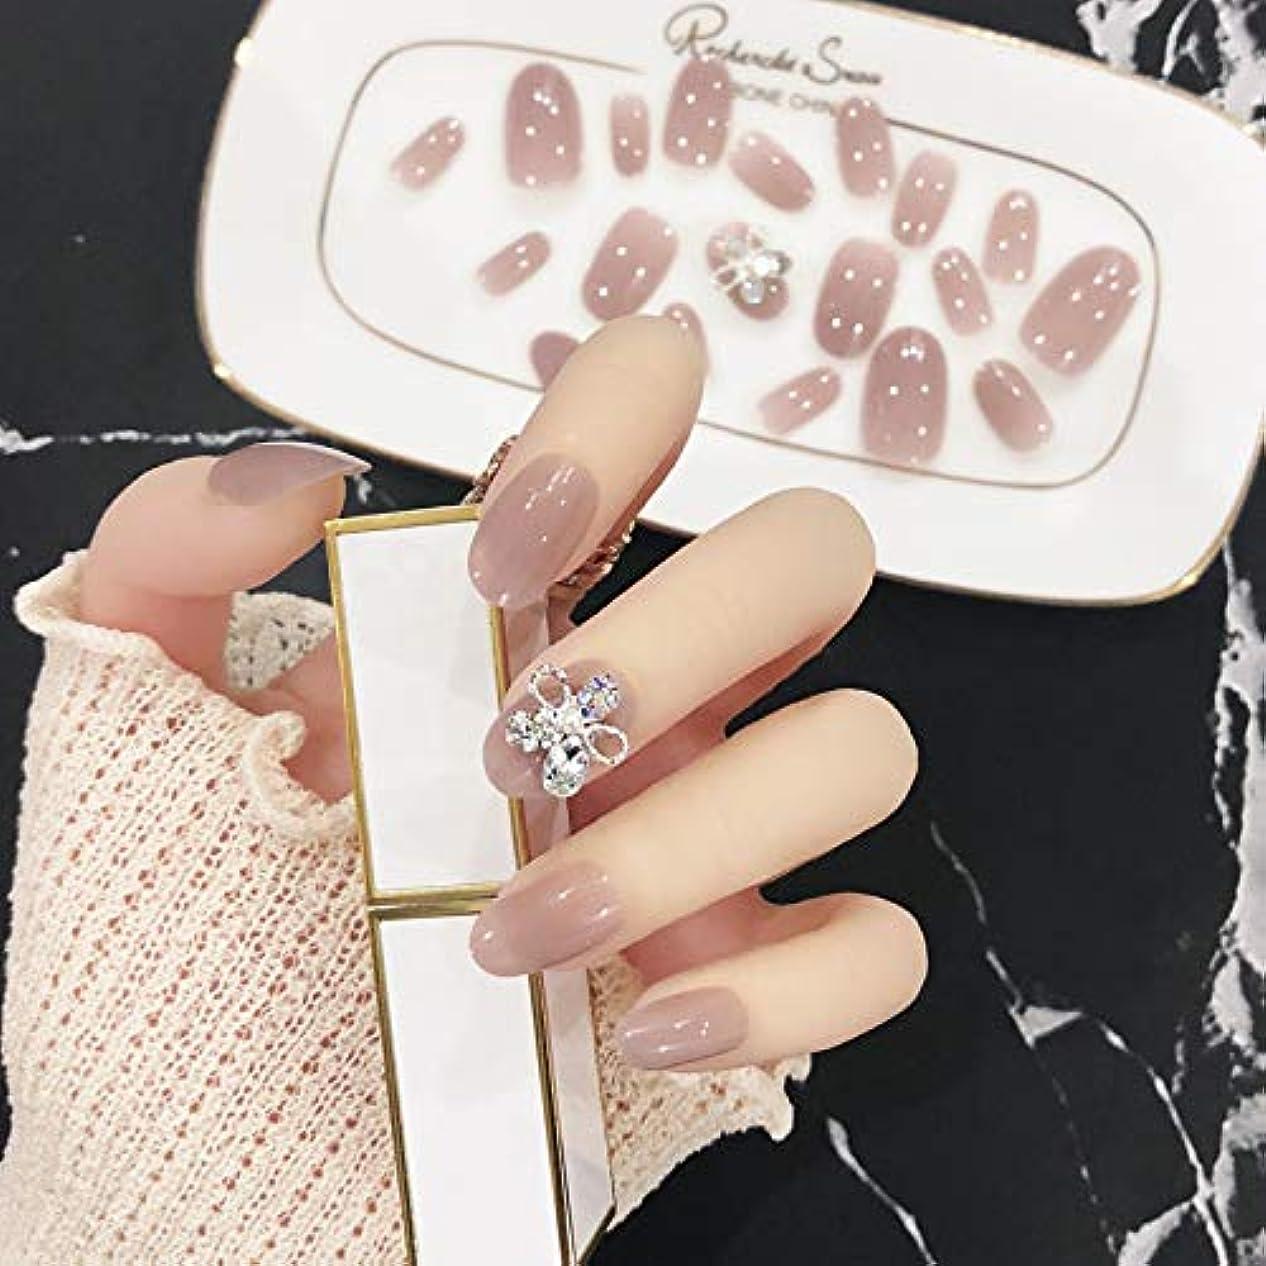 減らすパパ削る24Pcs3Dデコレーション 人造ダイヤモンドの装飾 無地ネイルチップ 両面接着テープ付き ネイルチップ 結婚式、写真を撮る、パーティー、二次会などに ジルコン 手作りネイルチップ 可愛い優雅ネイル (花)